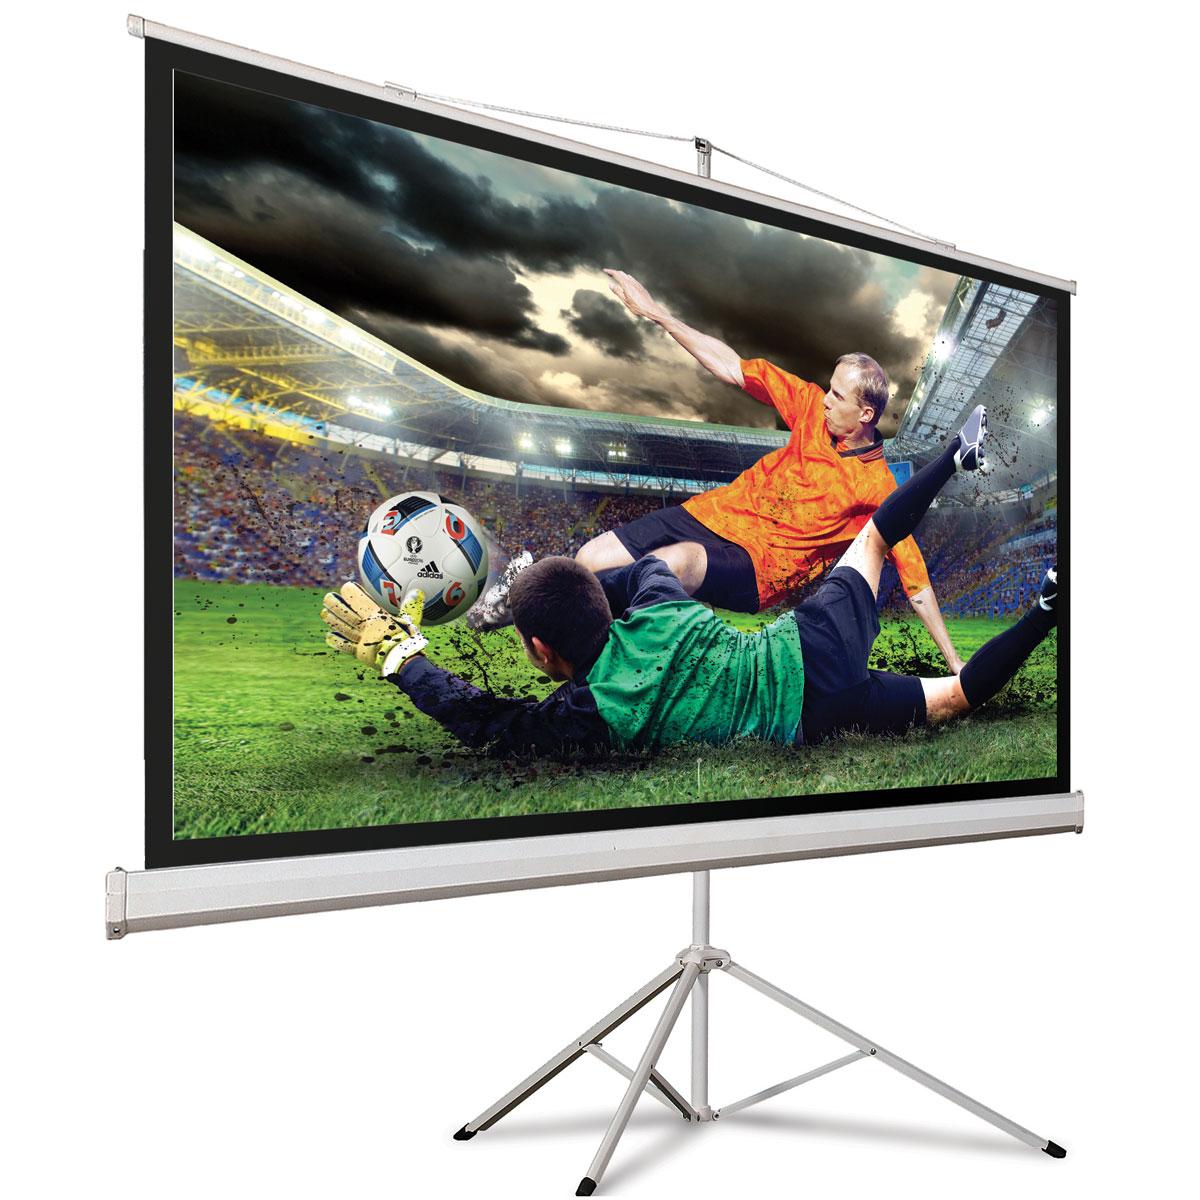 viewsonic pj sct 1000w ecran de projection viewsonic sur ldlc. Black Bedroom Furniture Sets. Home Design Ideas